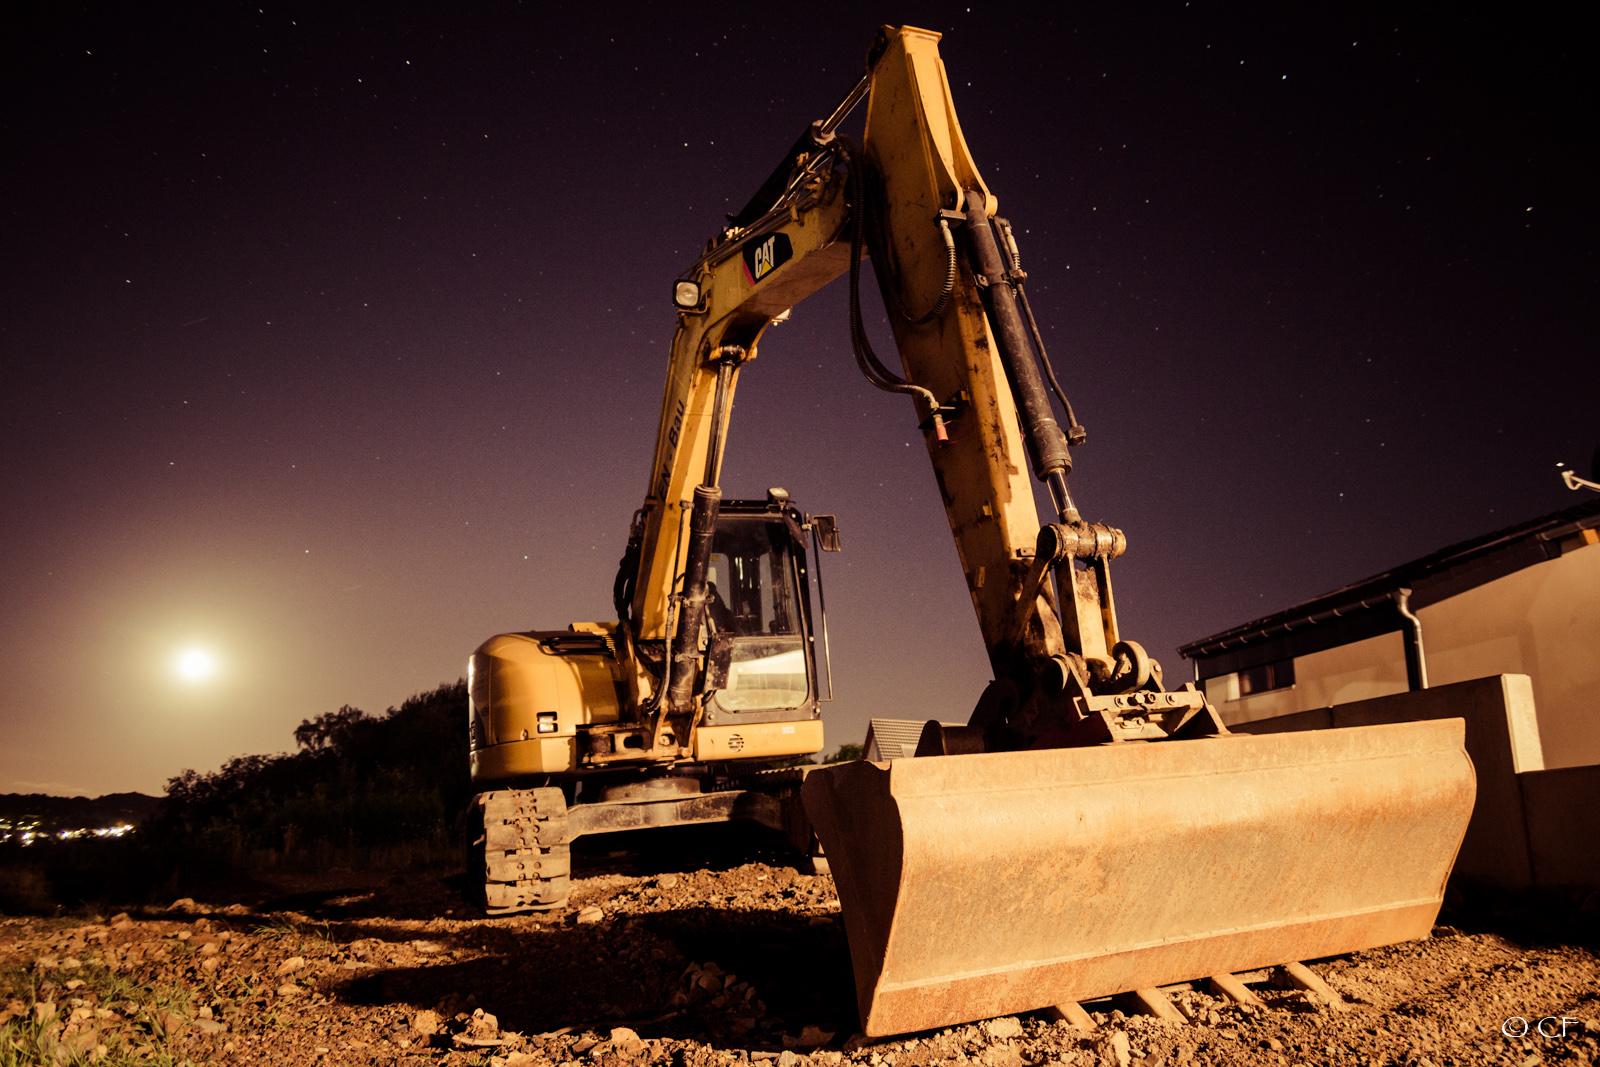 Digger at night